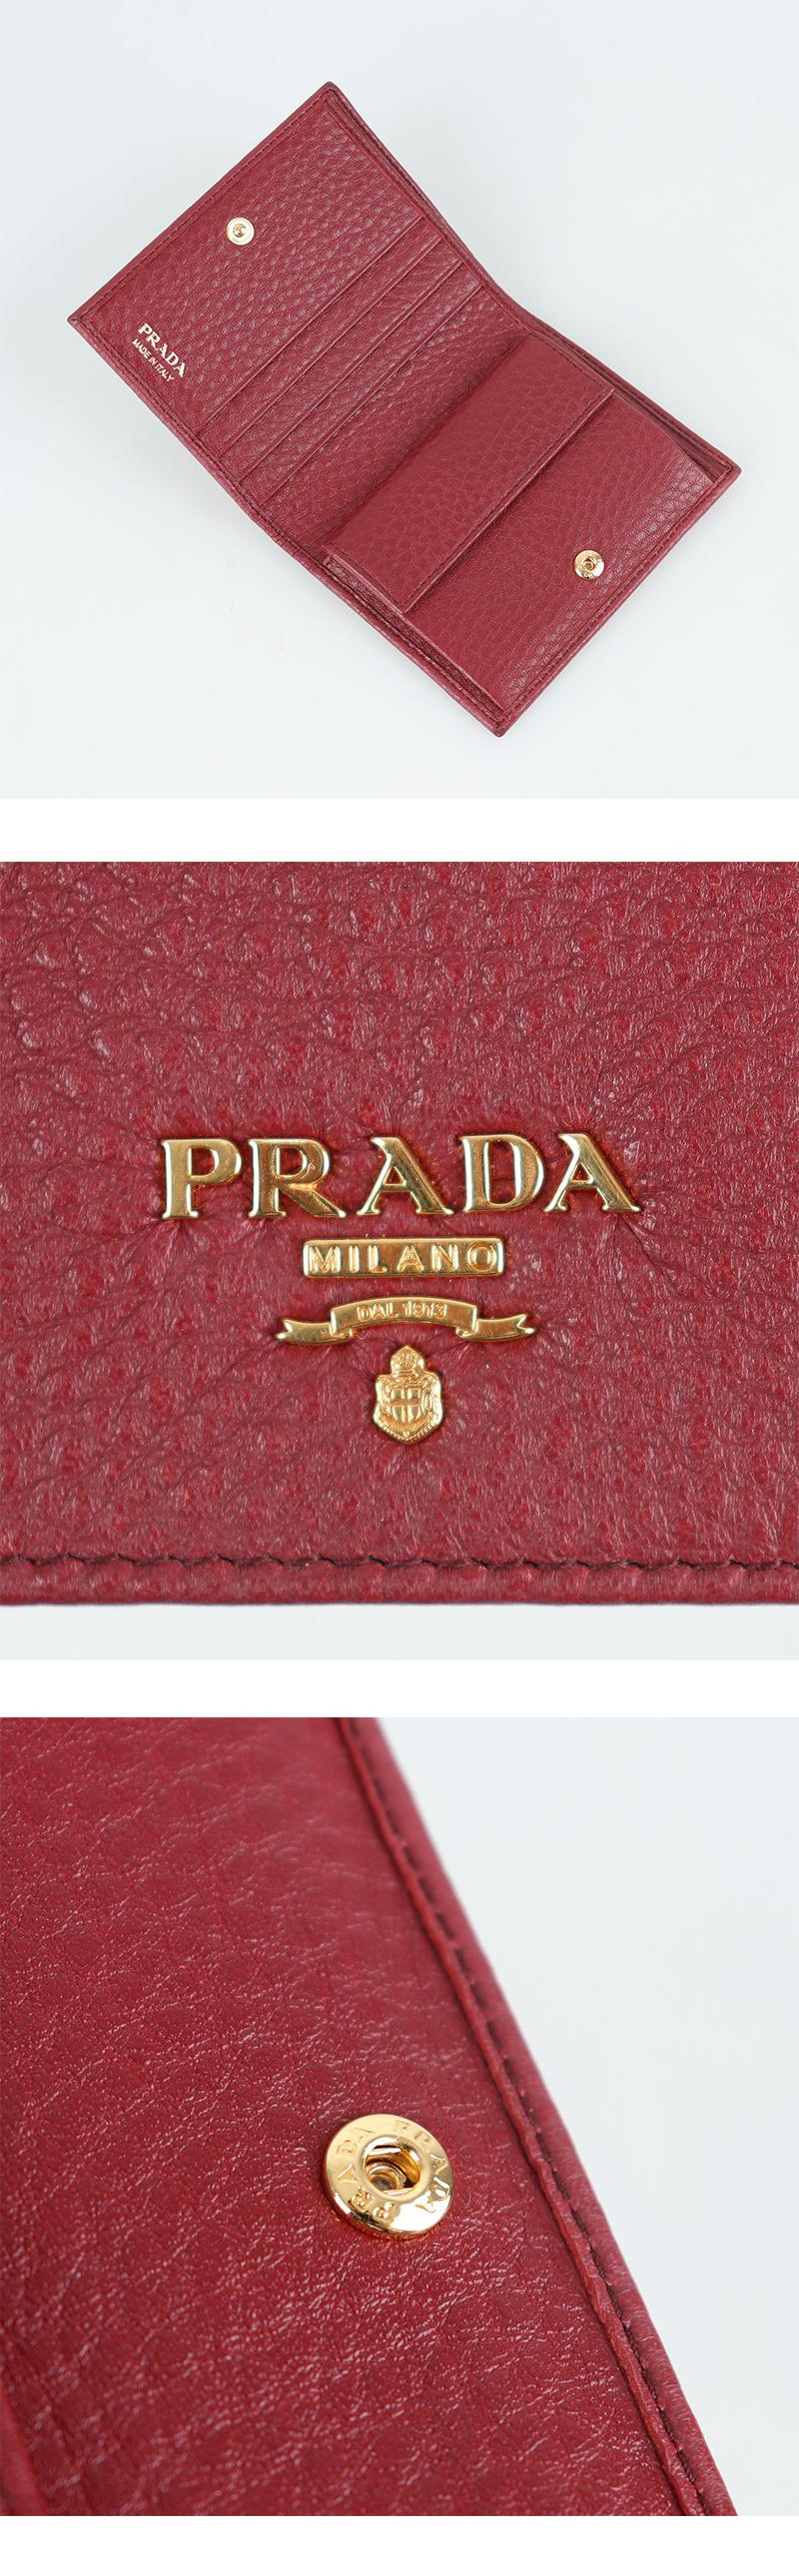 프라다(PRADA) 비텔로무브 반지갑  1MV204